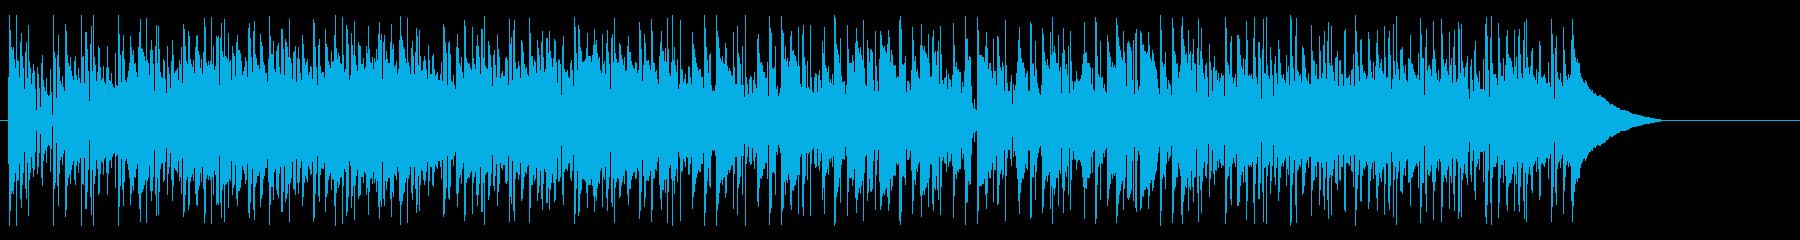 アコーディオンによるおしゃれな昼下がりの再生済みの波形